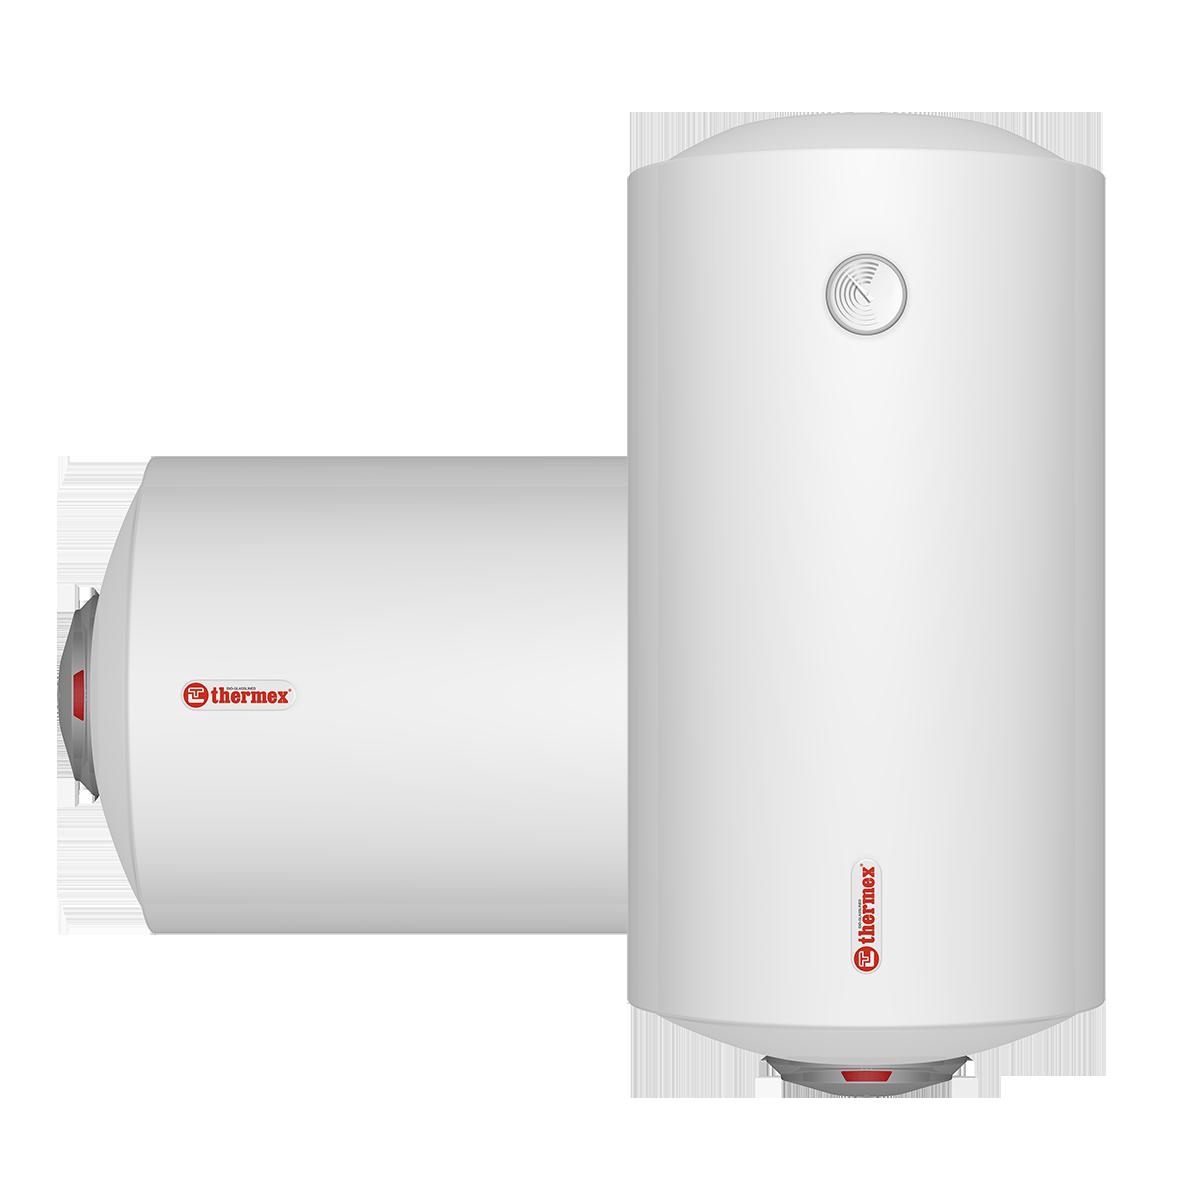 водонагреватель литров купить в екатеринбурге